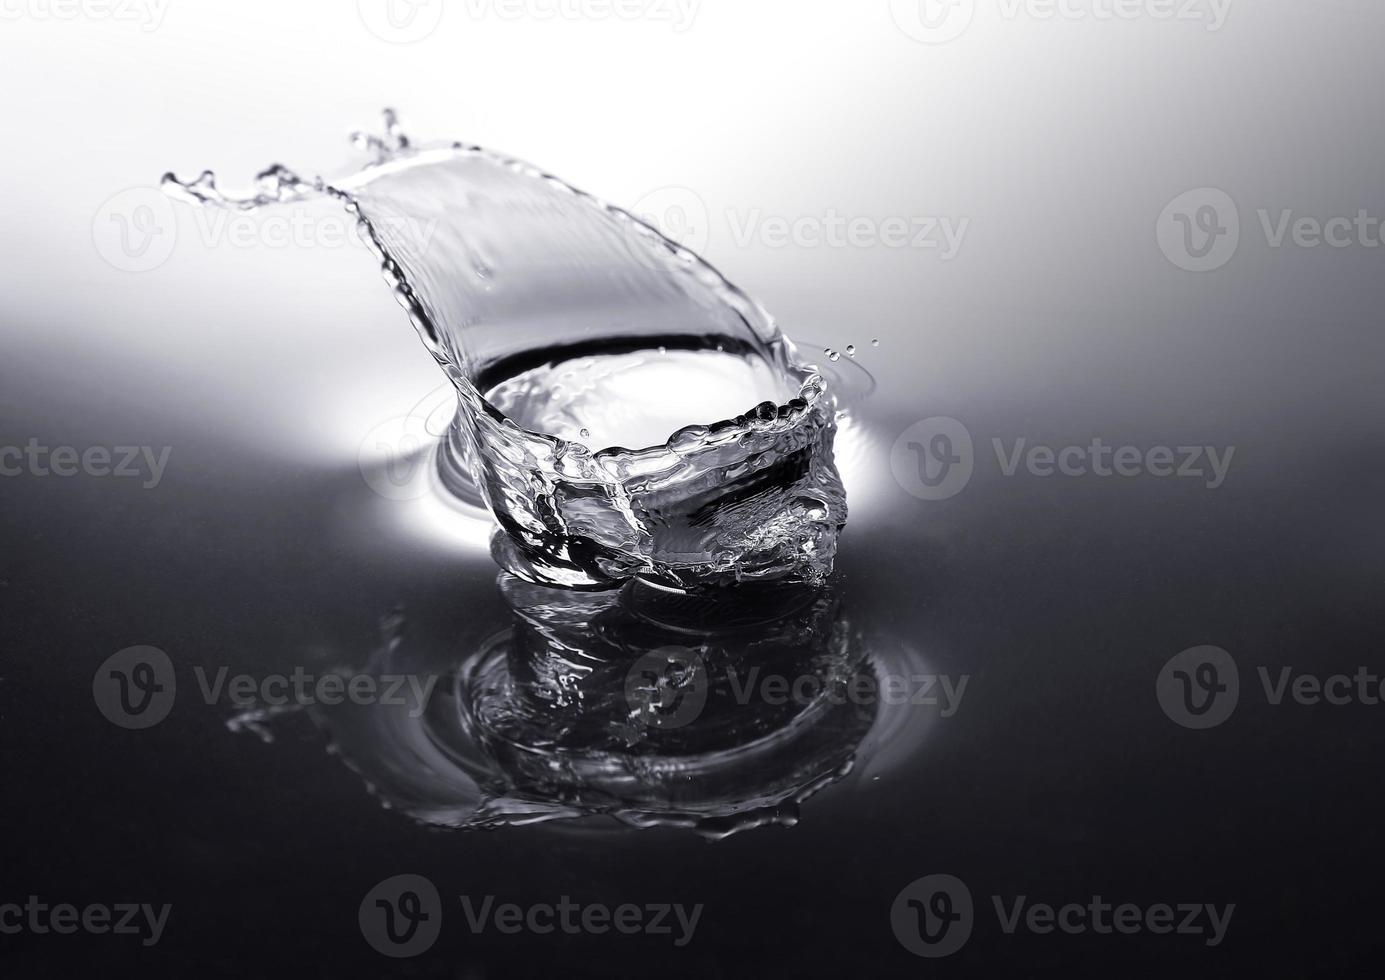 Water drops close-up photo